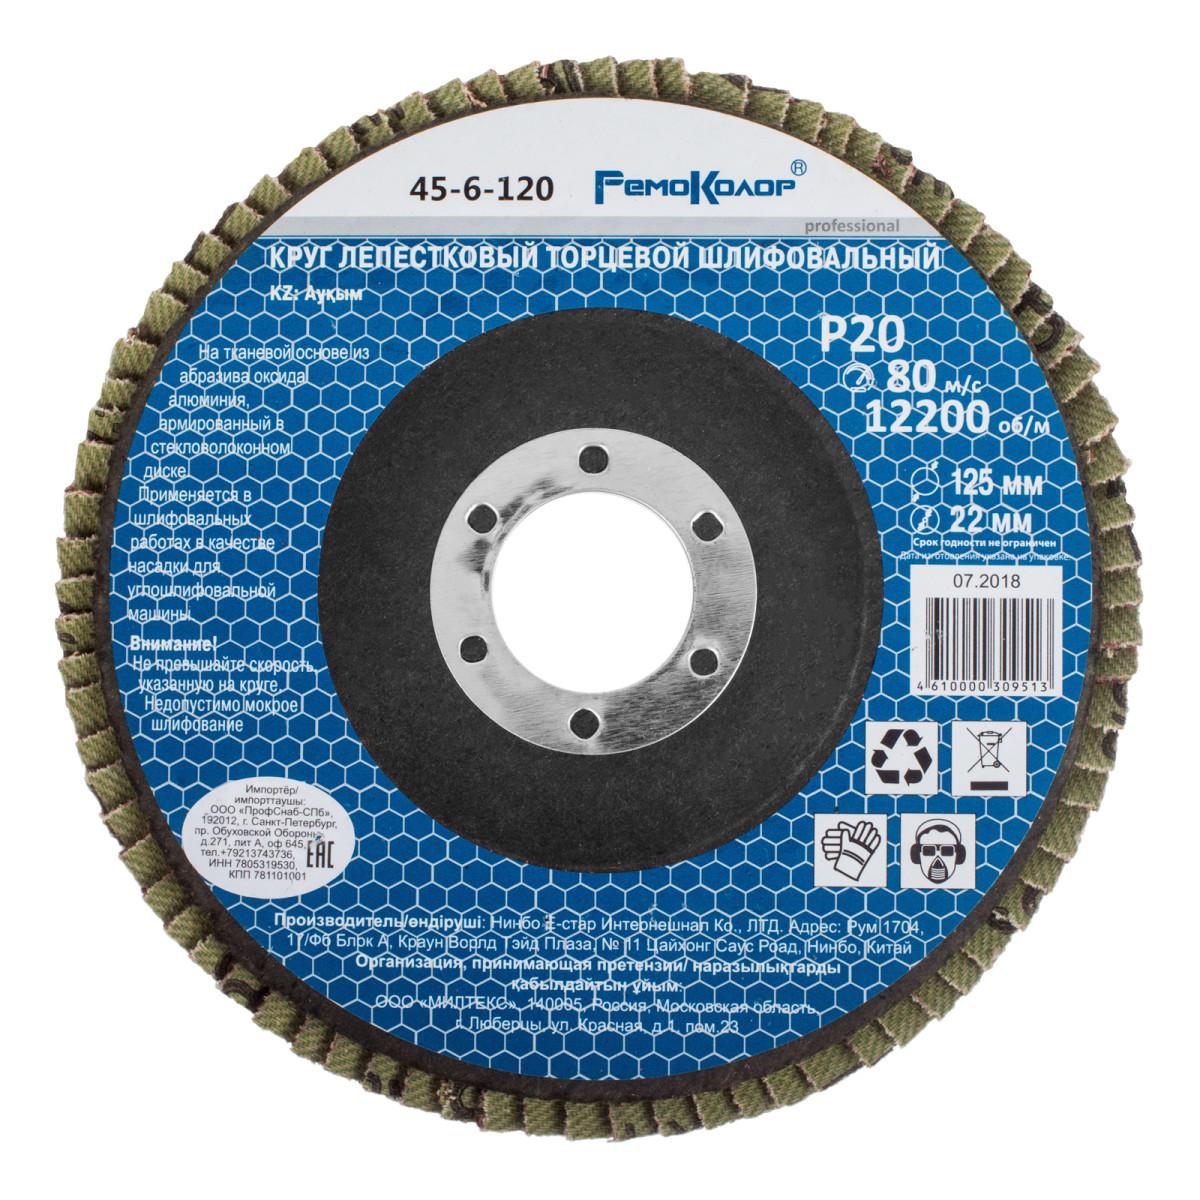 Круг лепестковый торцевой РемоКолор Р20 12200 об/мин 125х22 мм 45-6-120